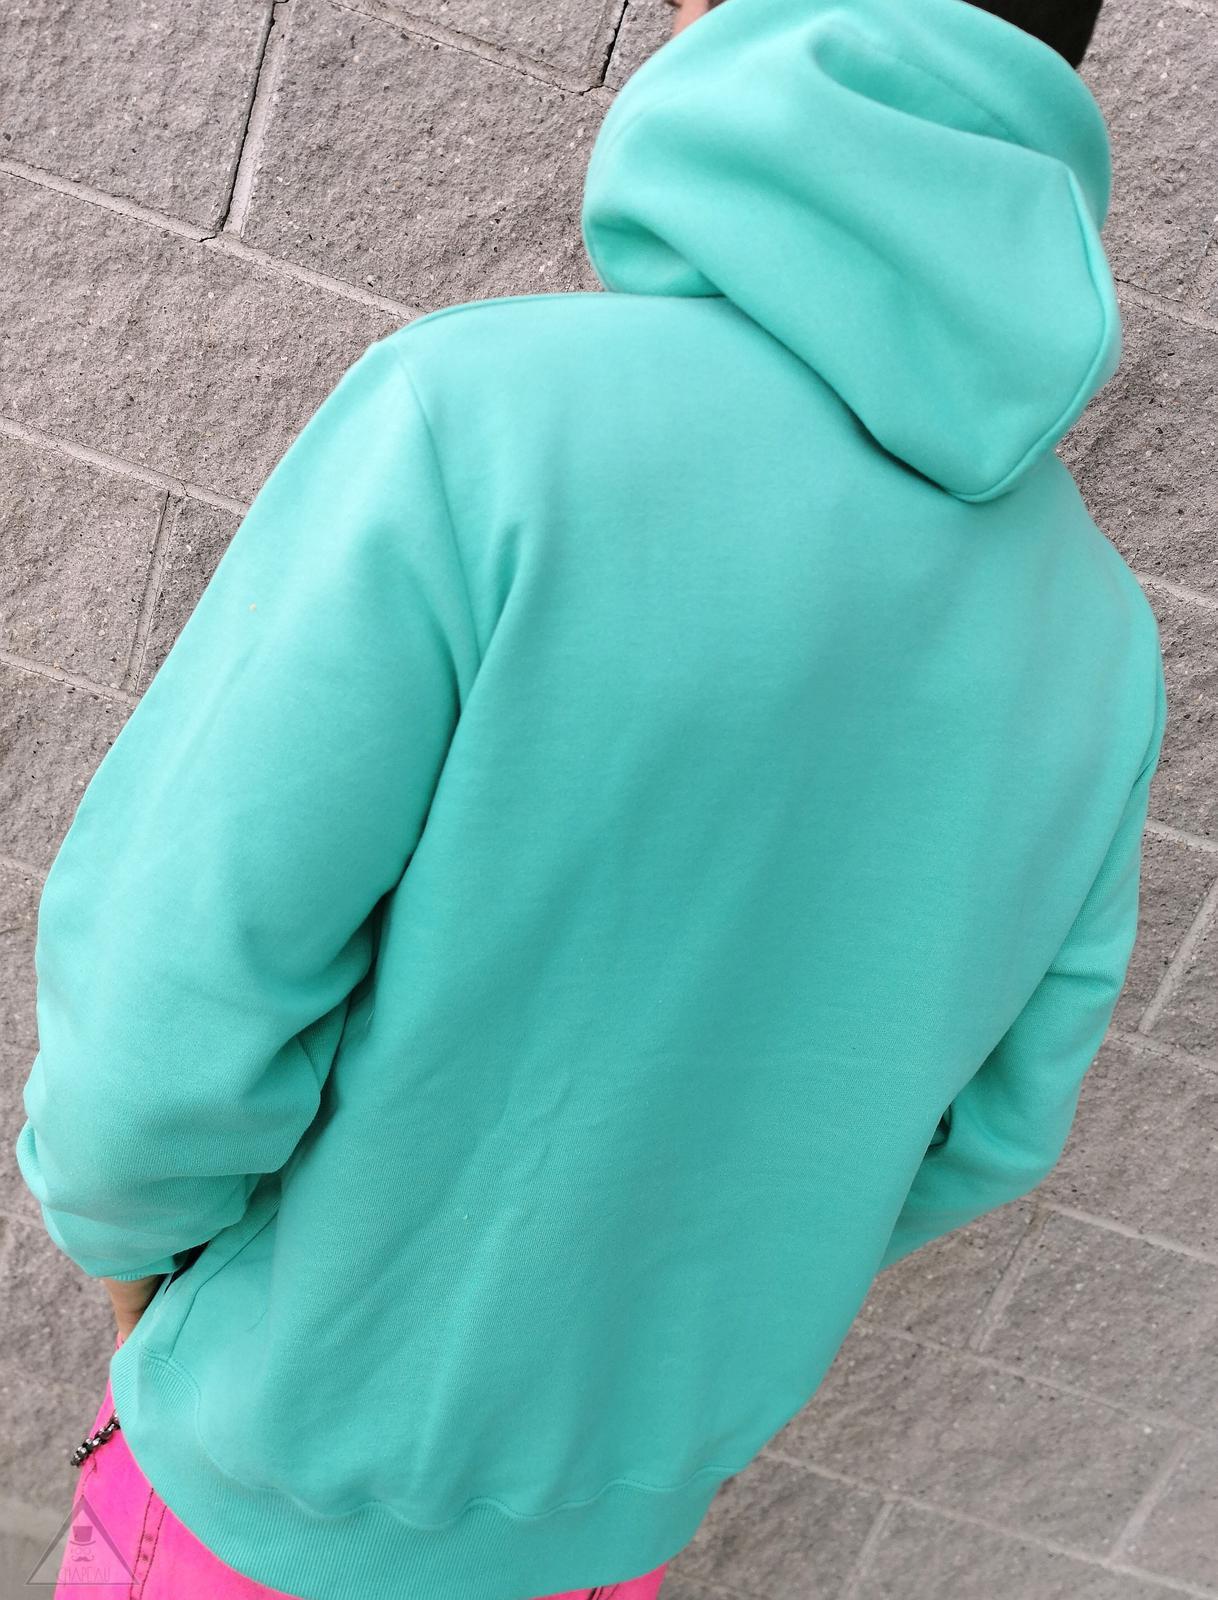 Felpa Cappuccio Verde Tiffany